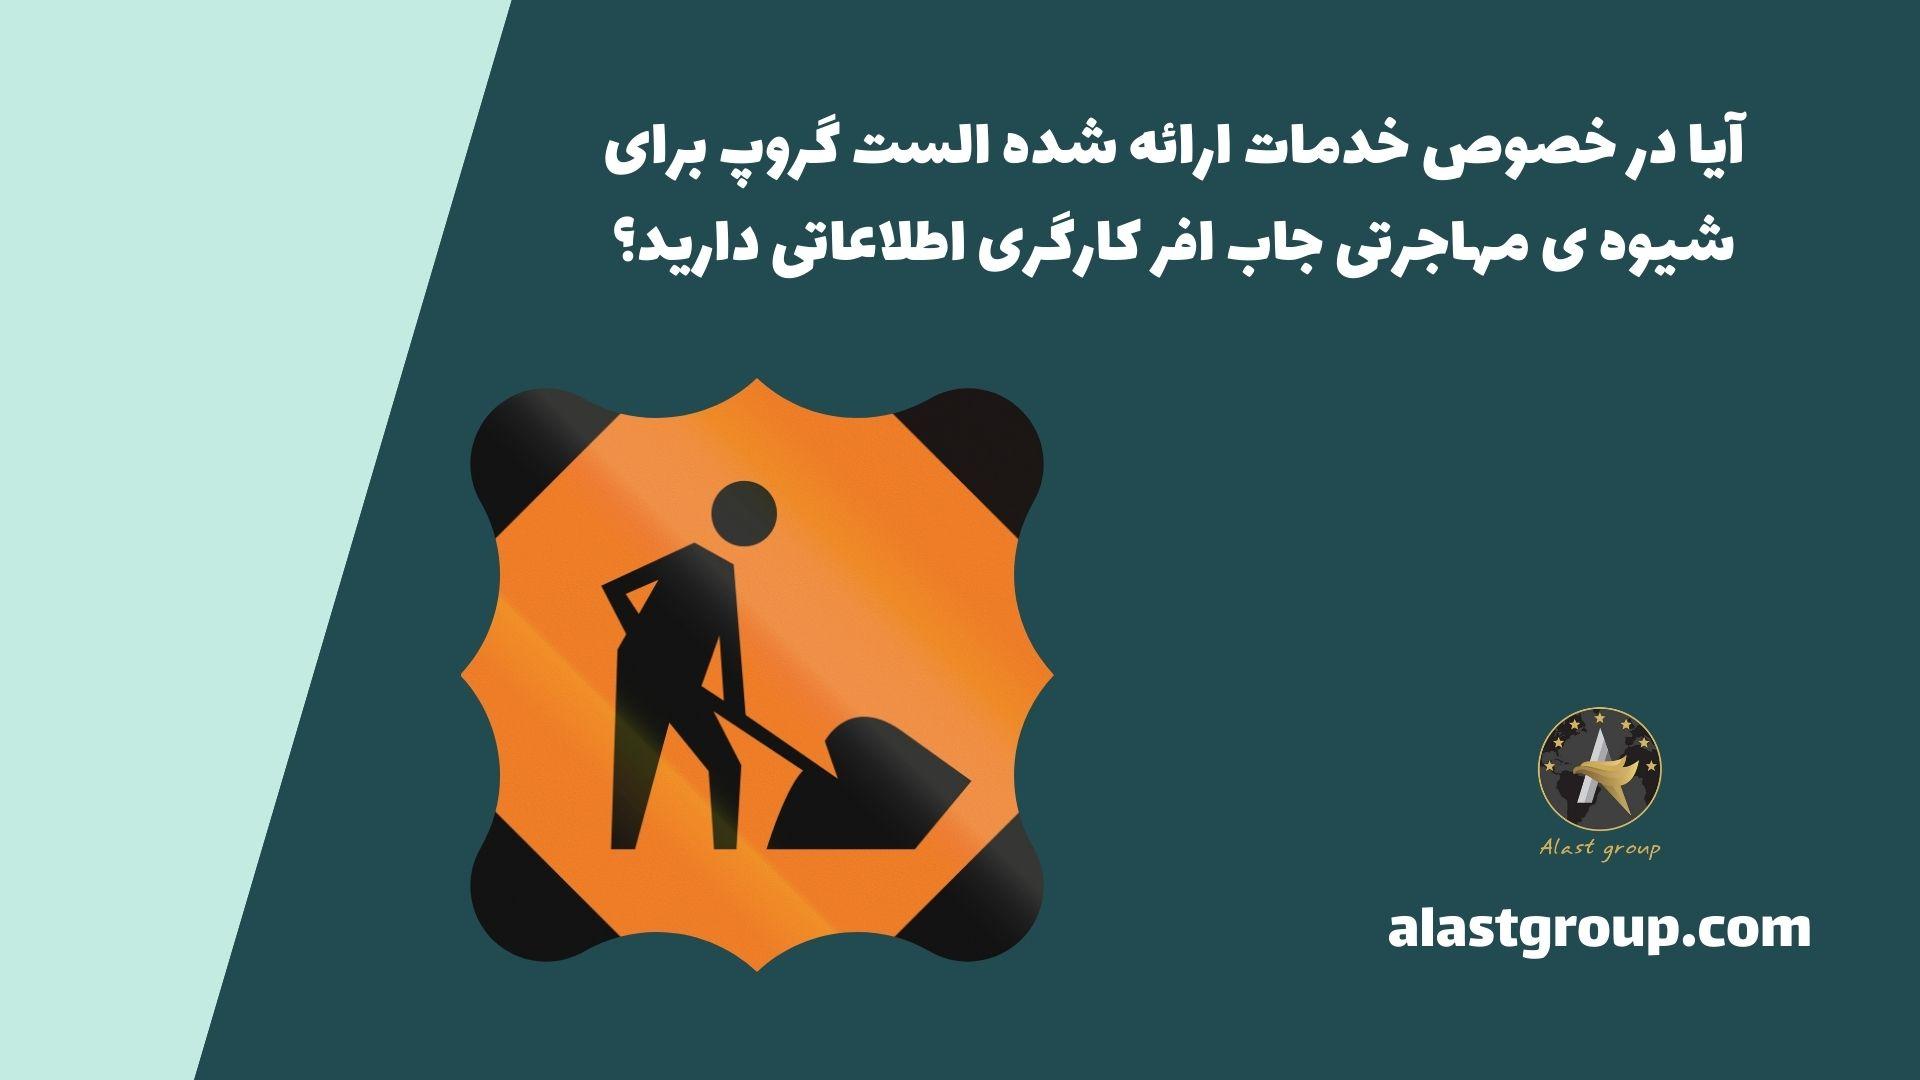 آیا در خصوص خدمات ارائه شده الست گروپ برای شیوه ی مهاجرتی جاب آفر کارگری اطلاعاتی دارید؟